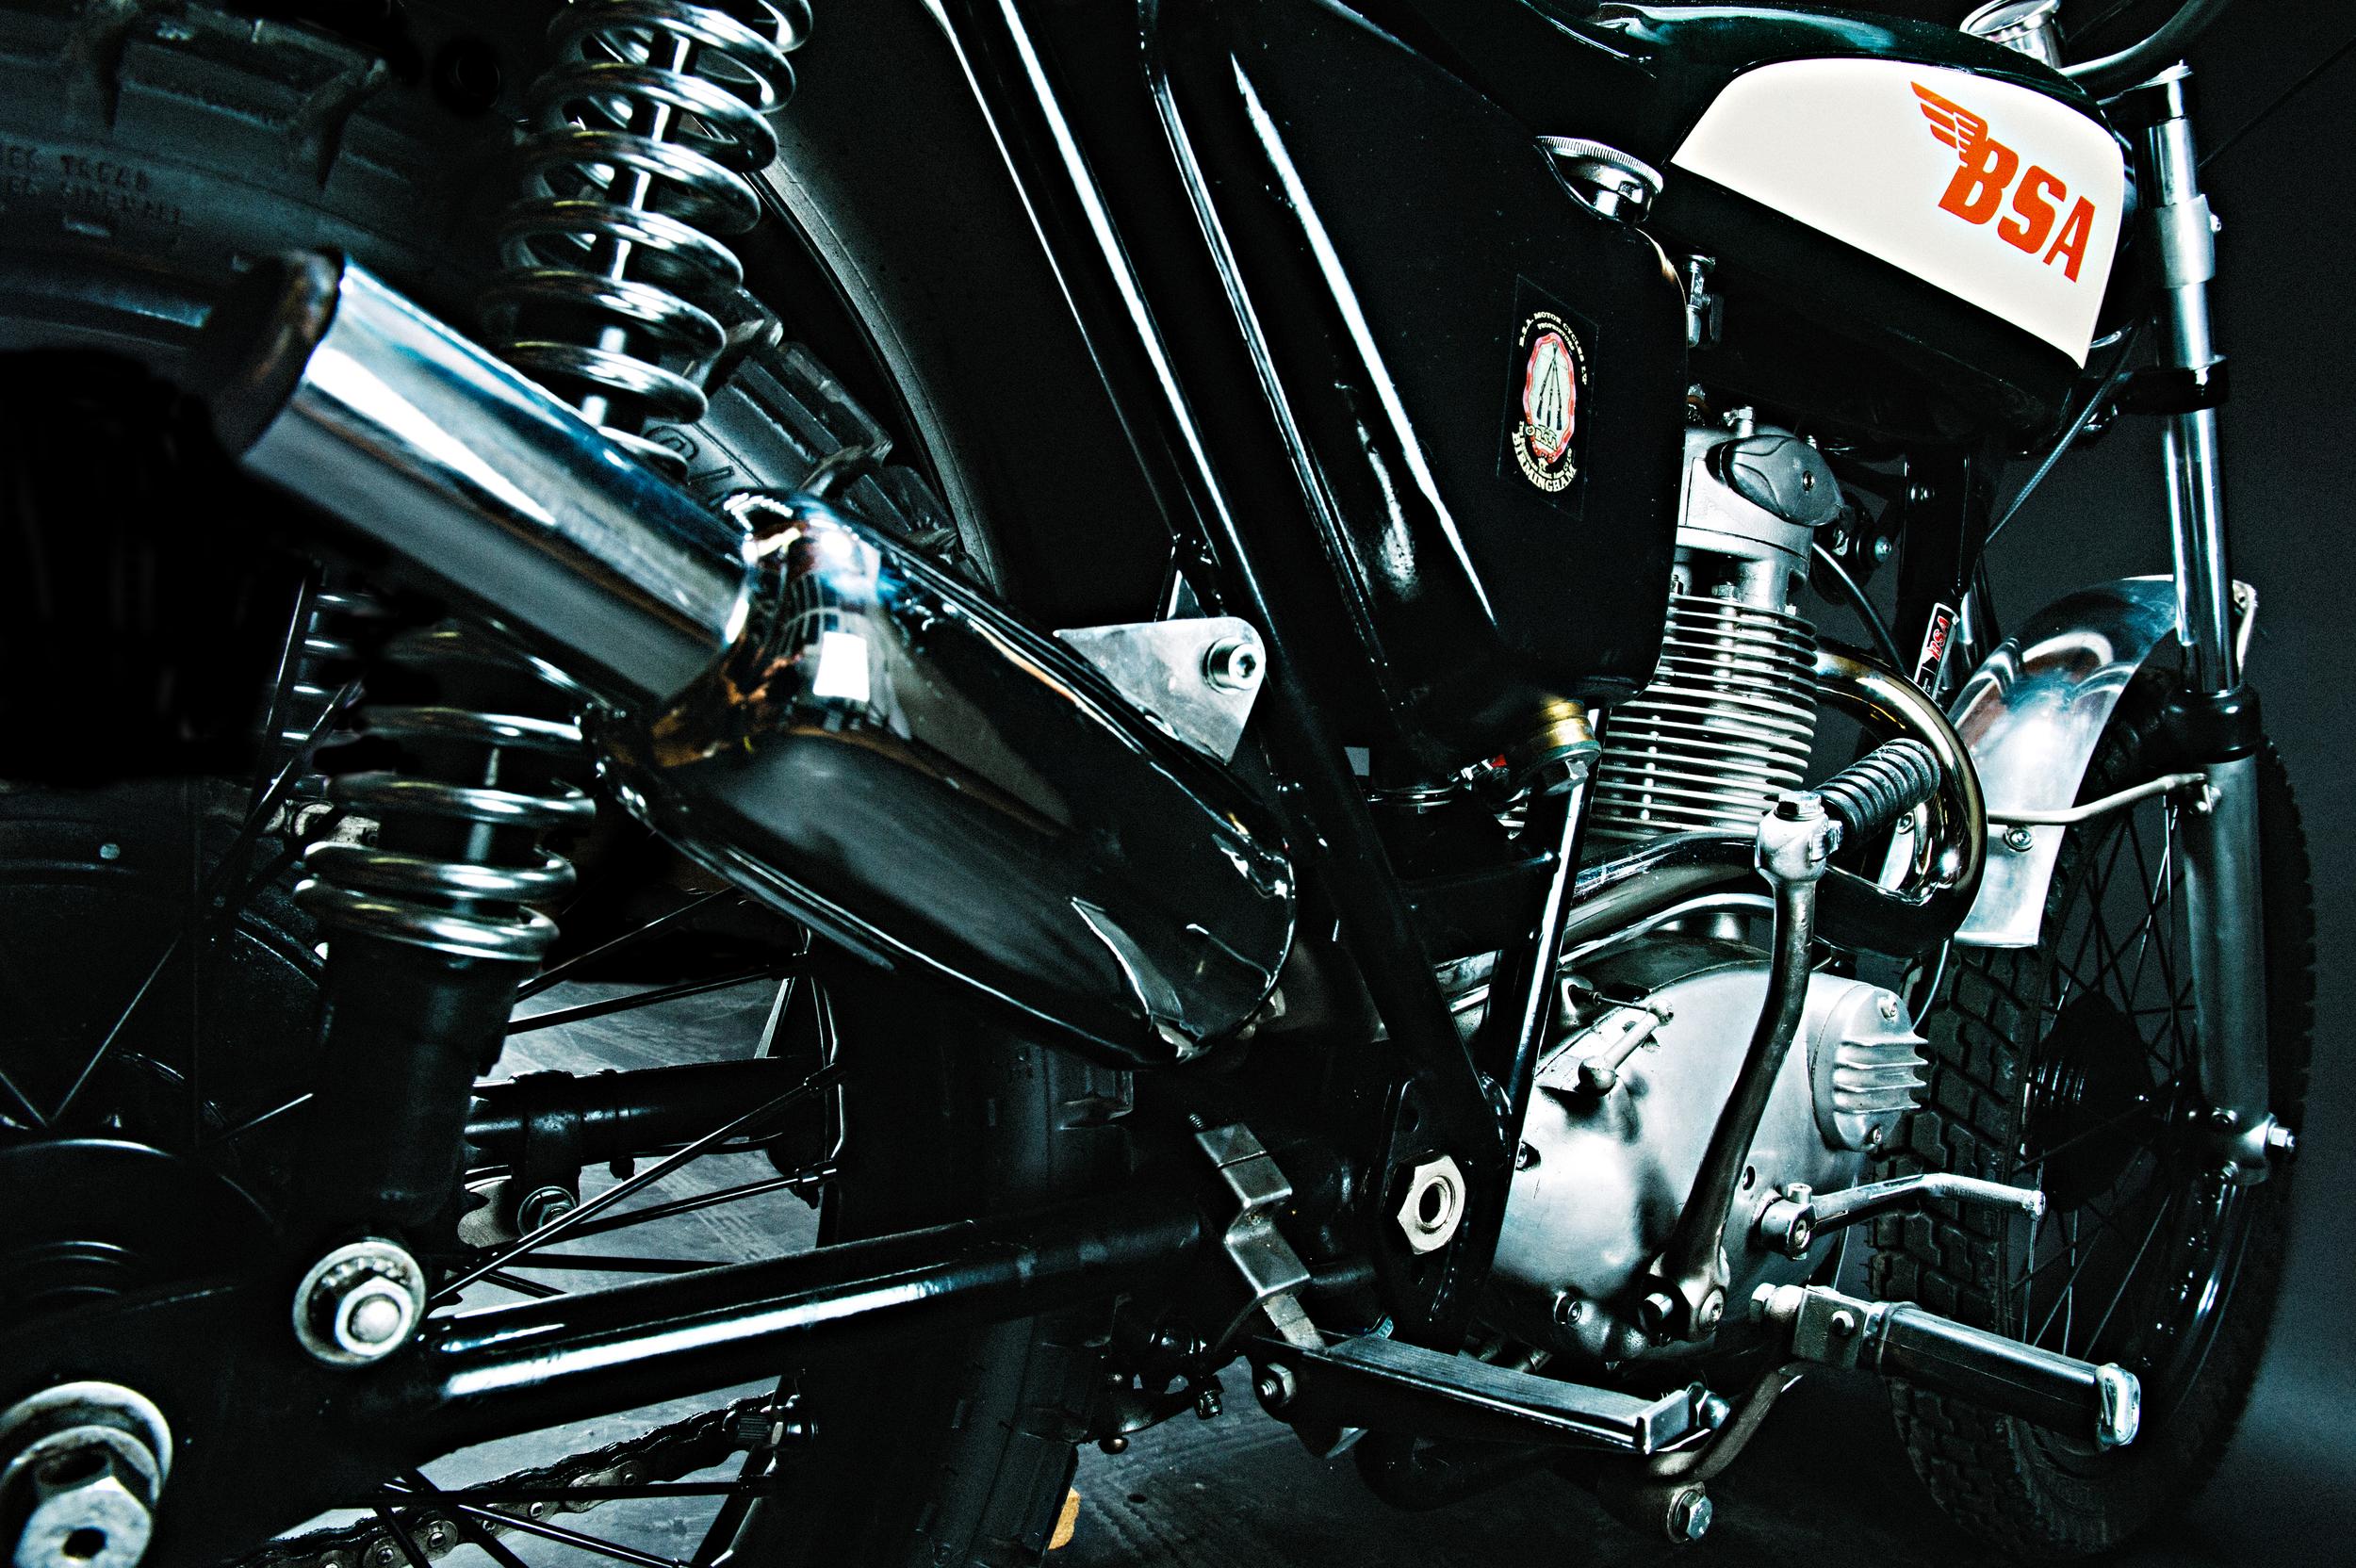 BSA_ByLorenzrichard.com-5288.jpg